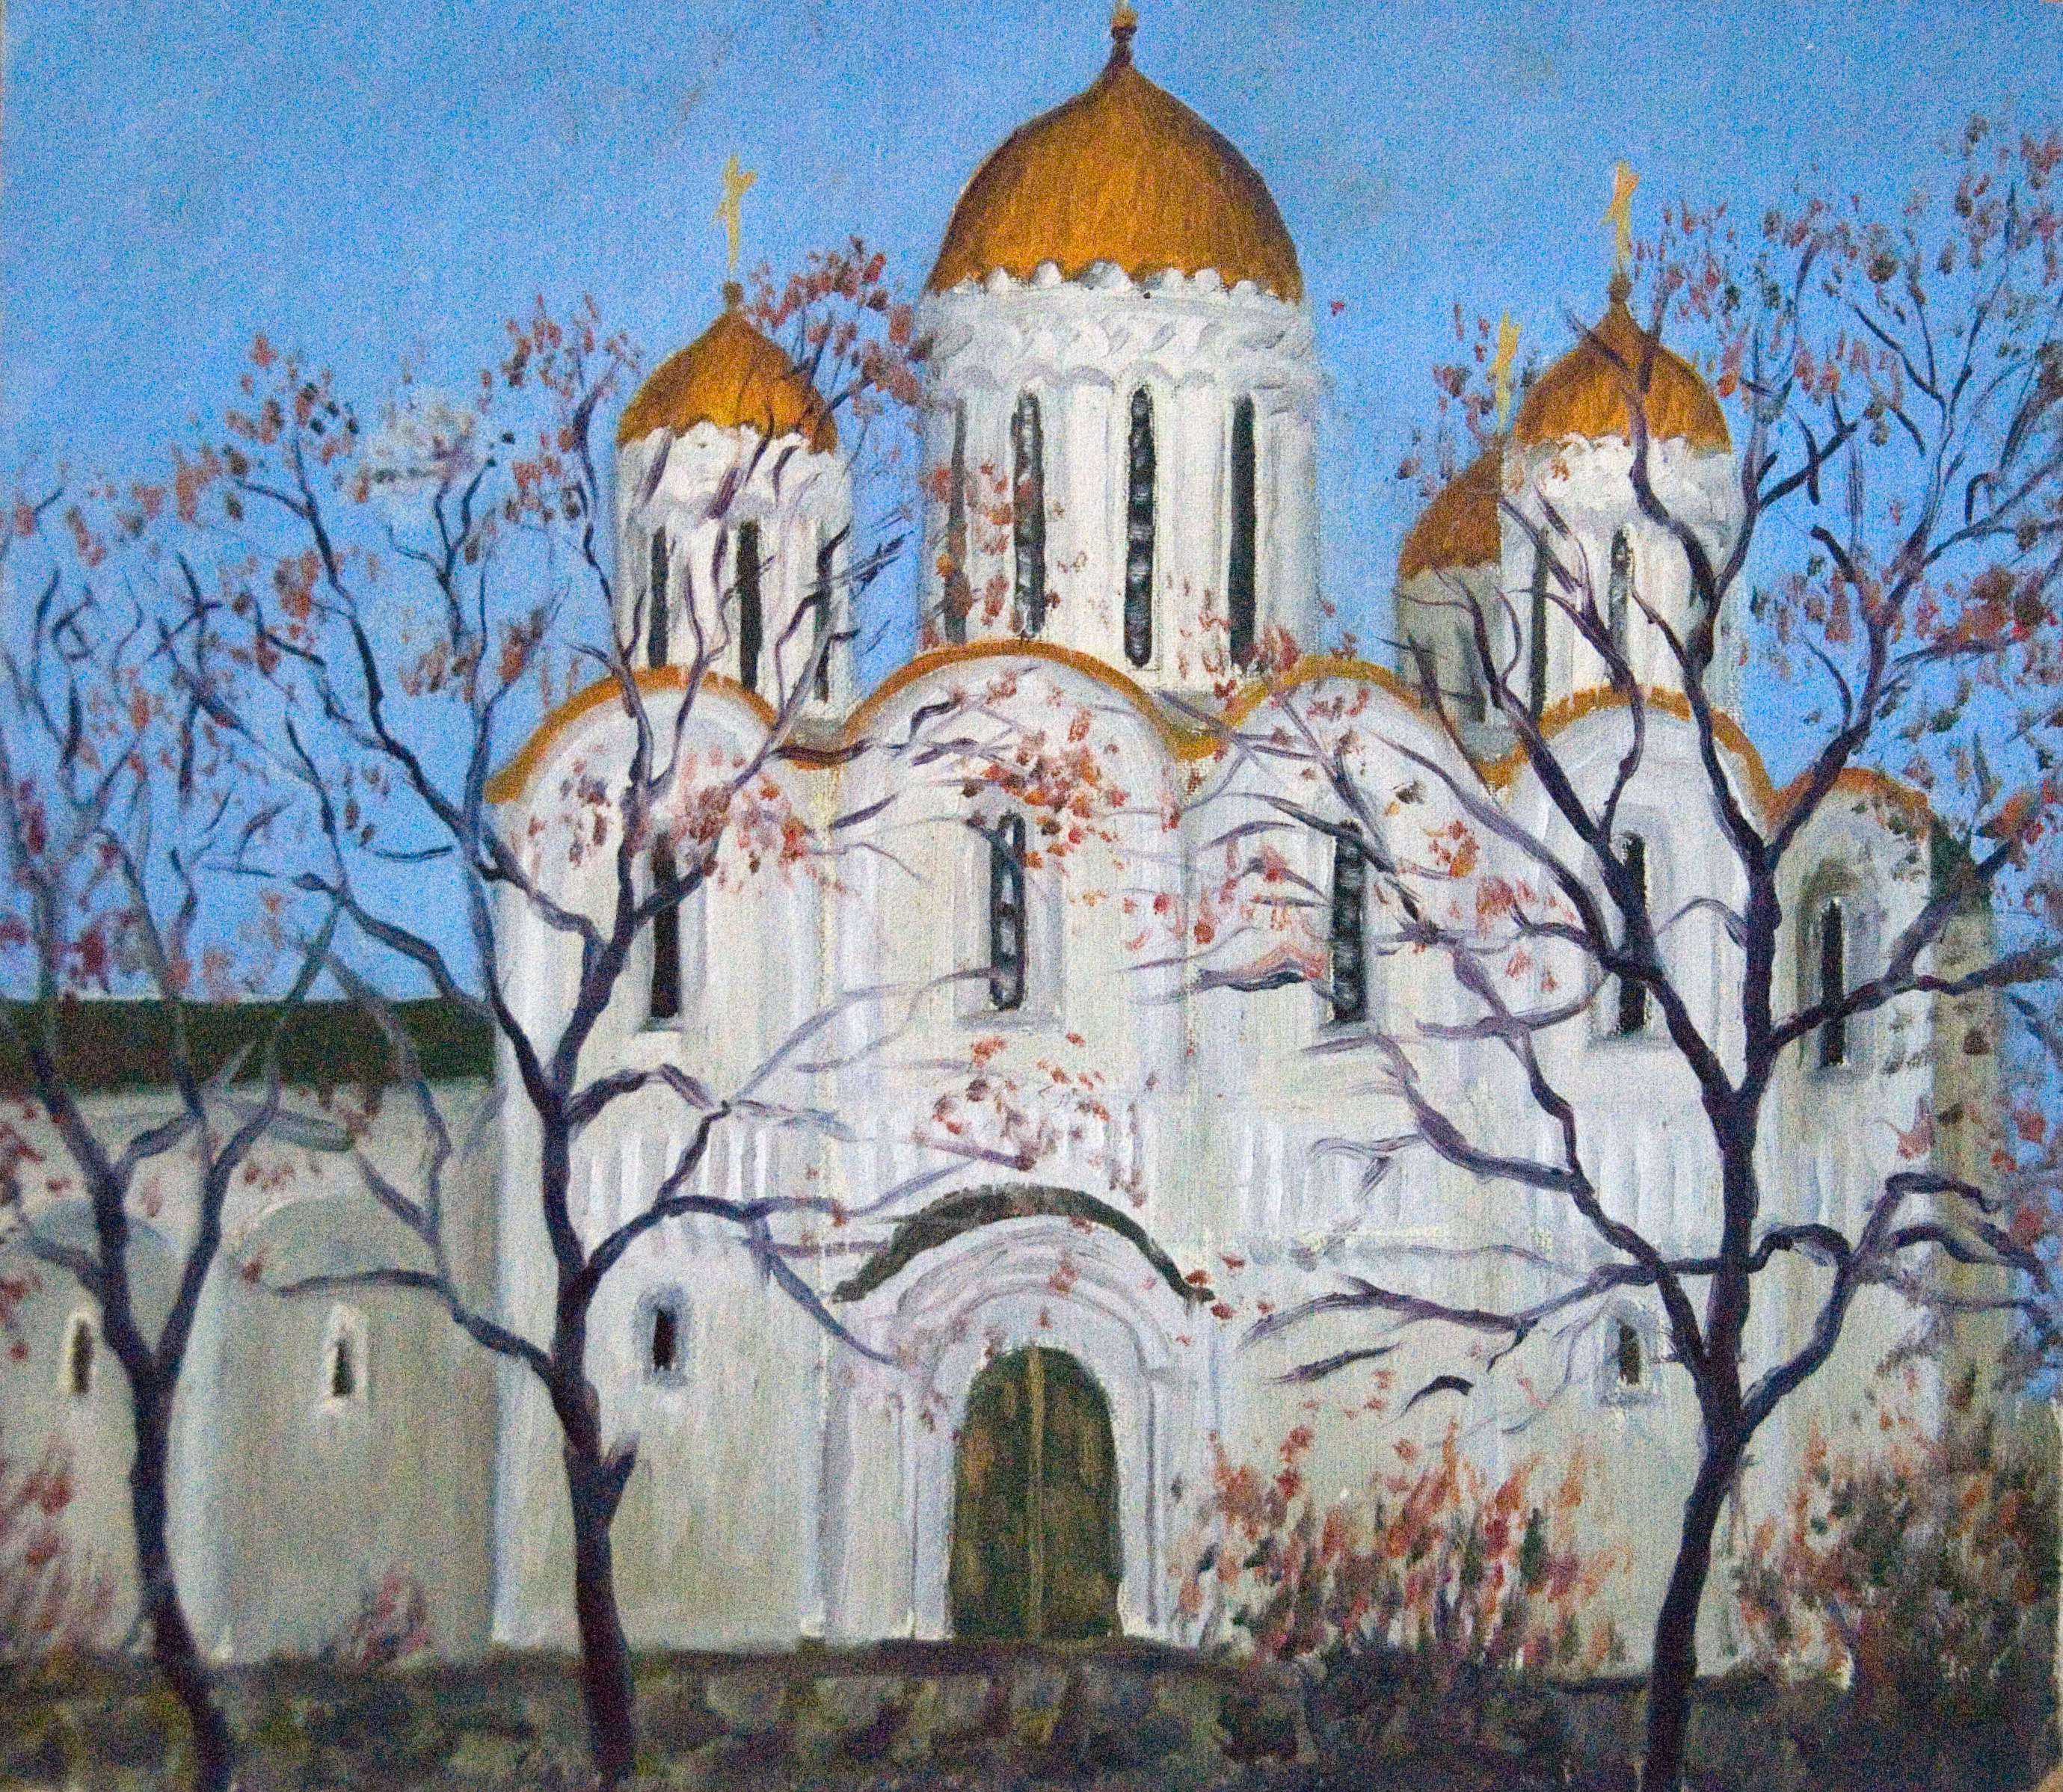 Успенский/Assumption Cathedral